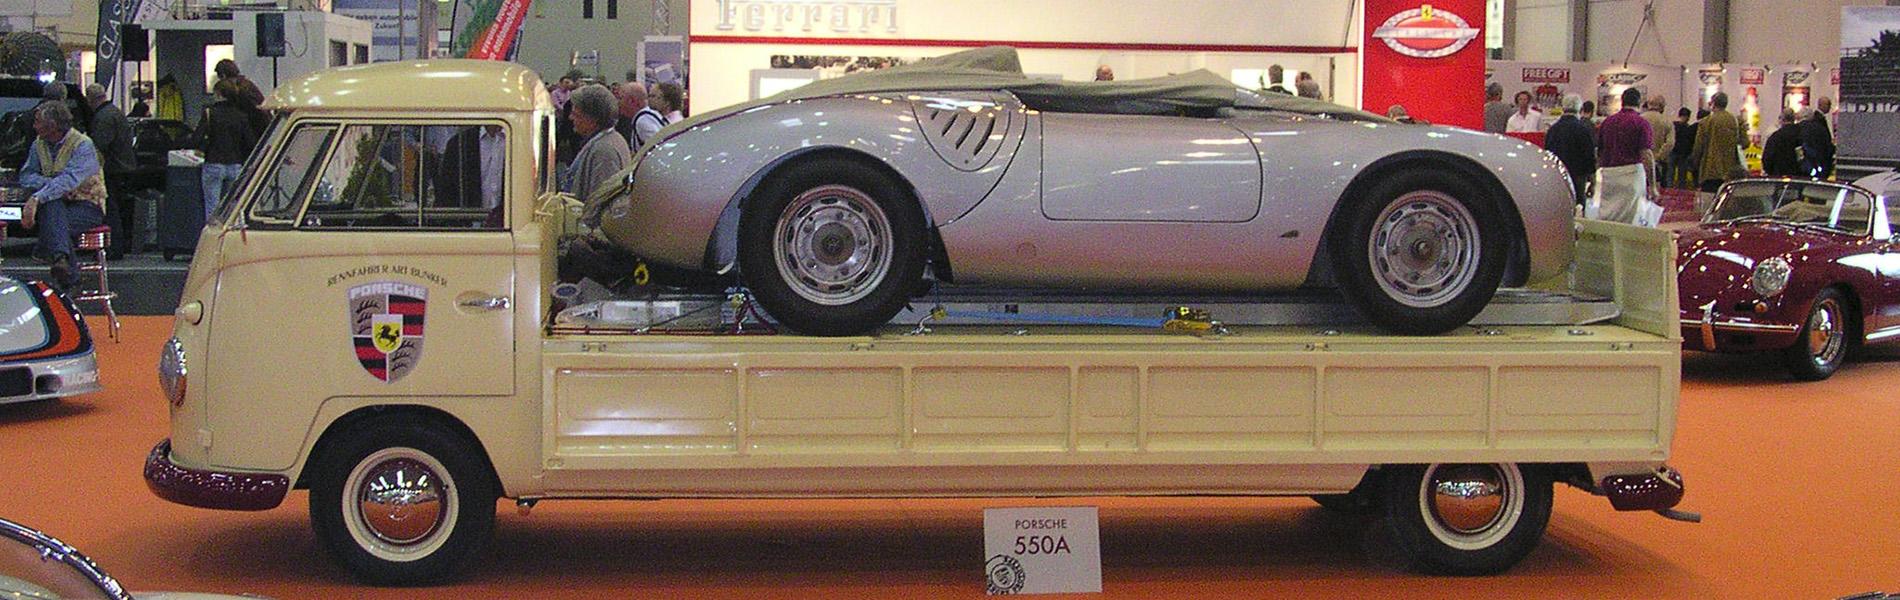 Porsche 550A e Trasporter T1 - Wikipedia